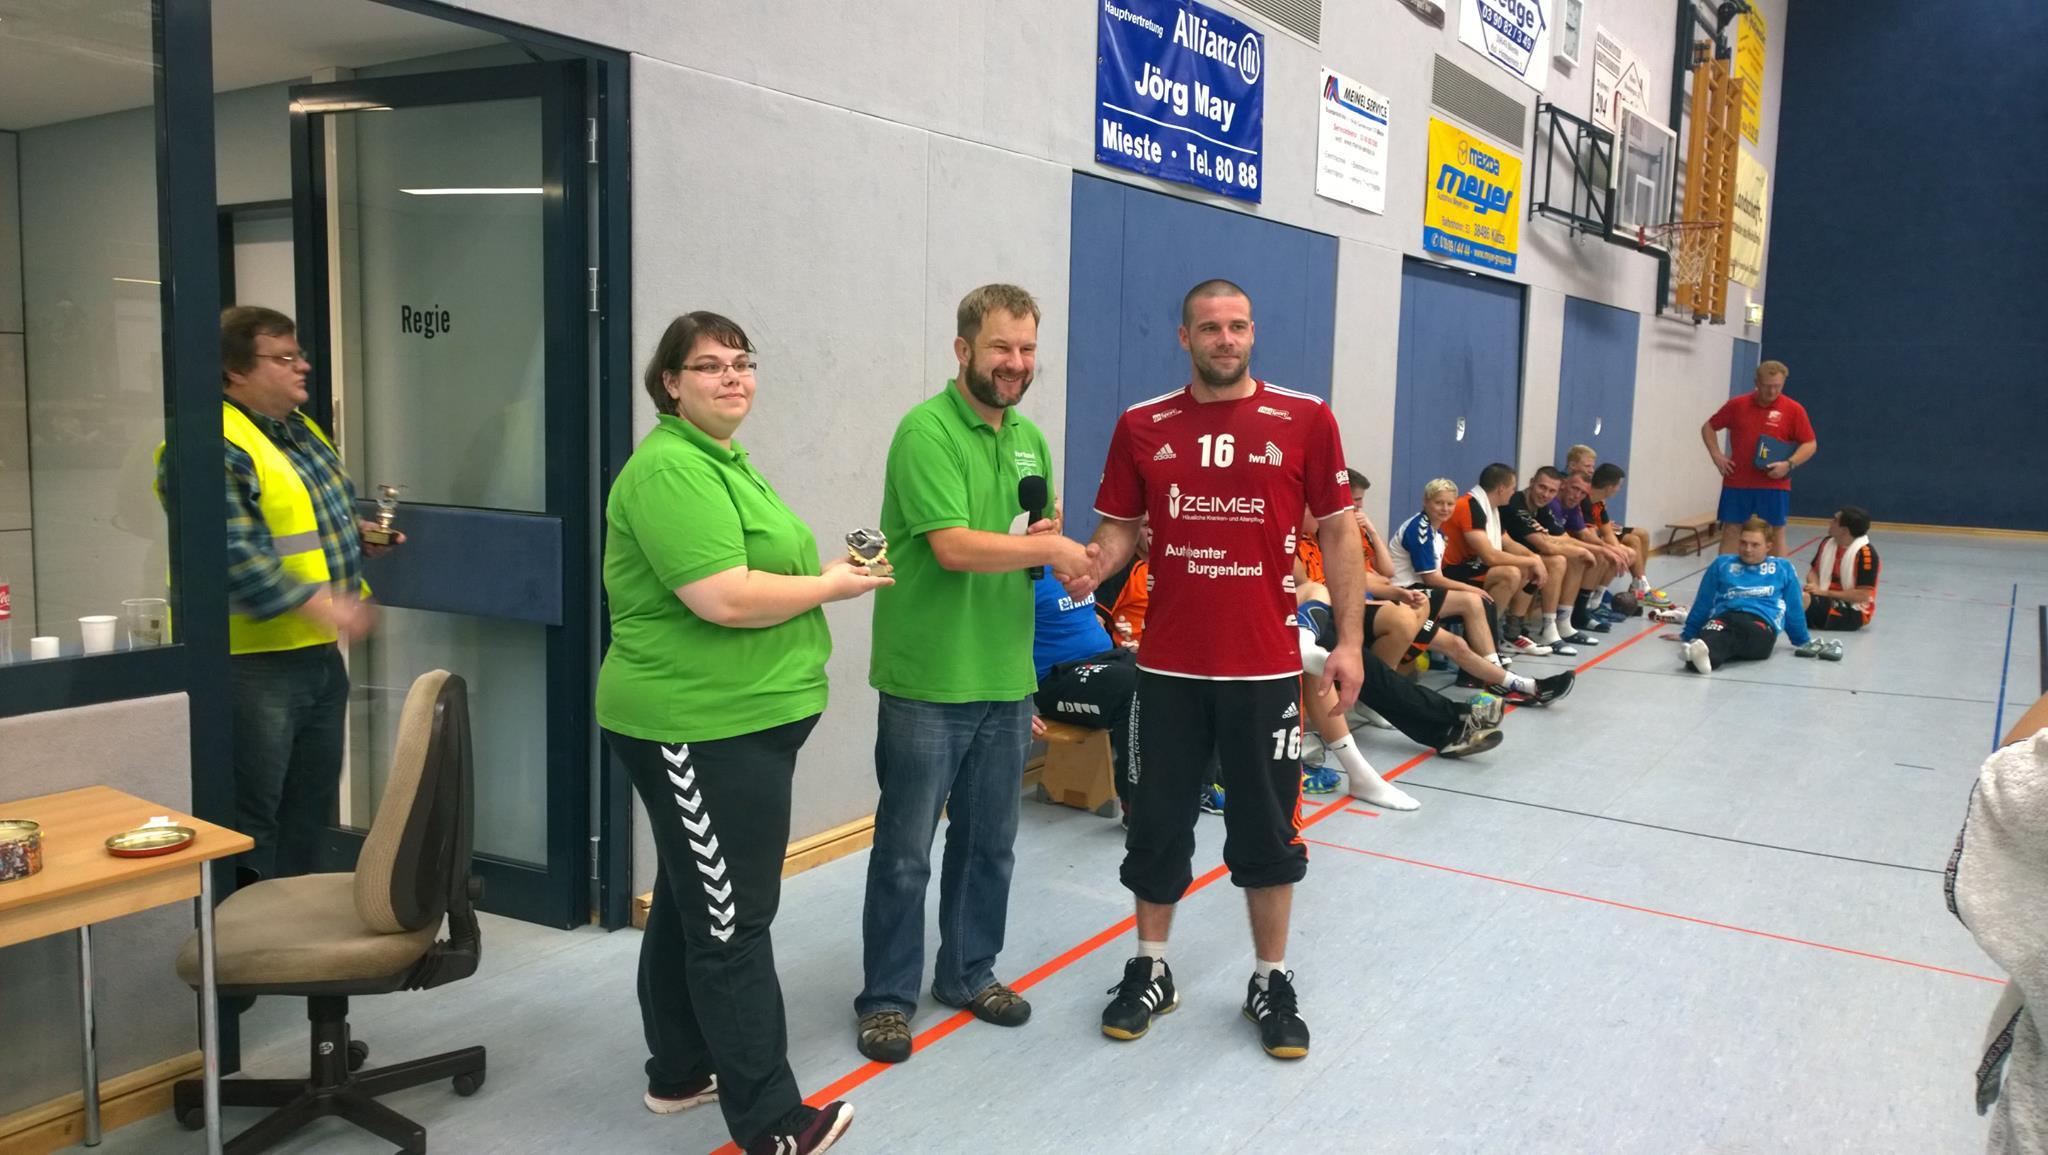 Bester Torhüter: Drese SV Oebisfelde